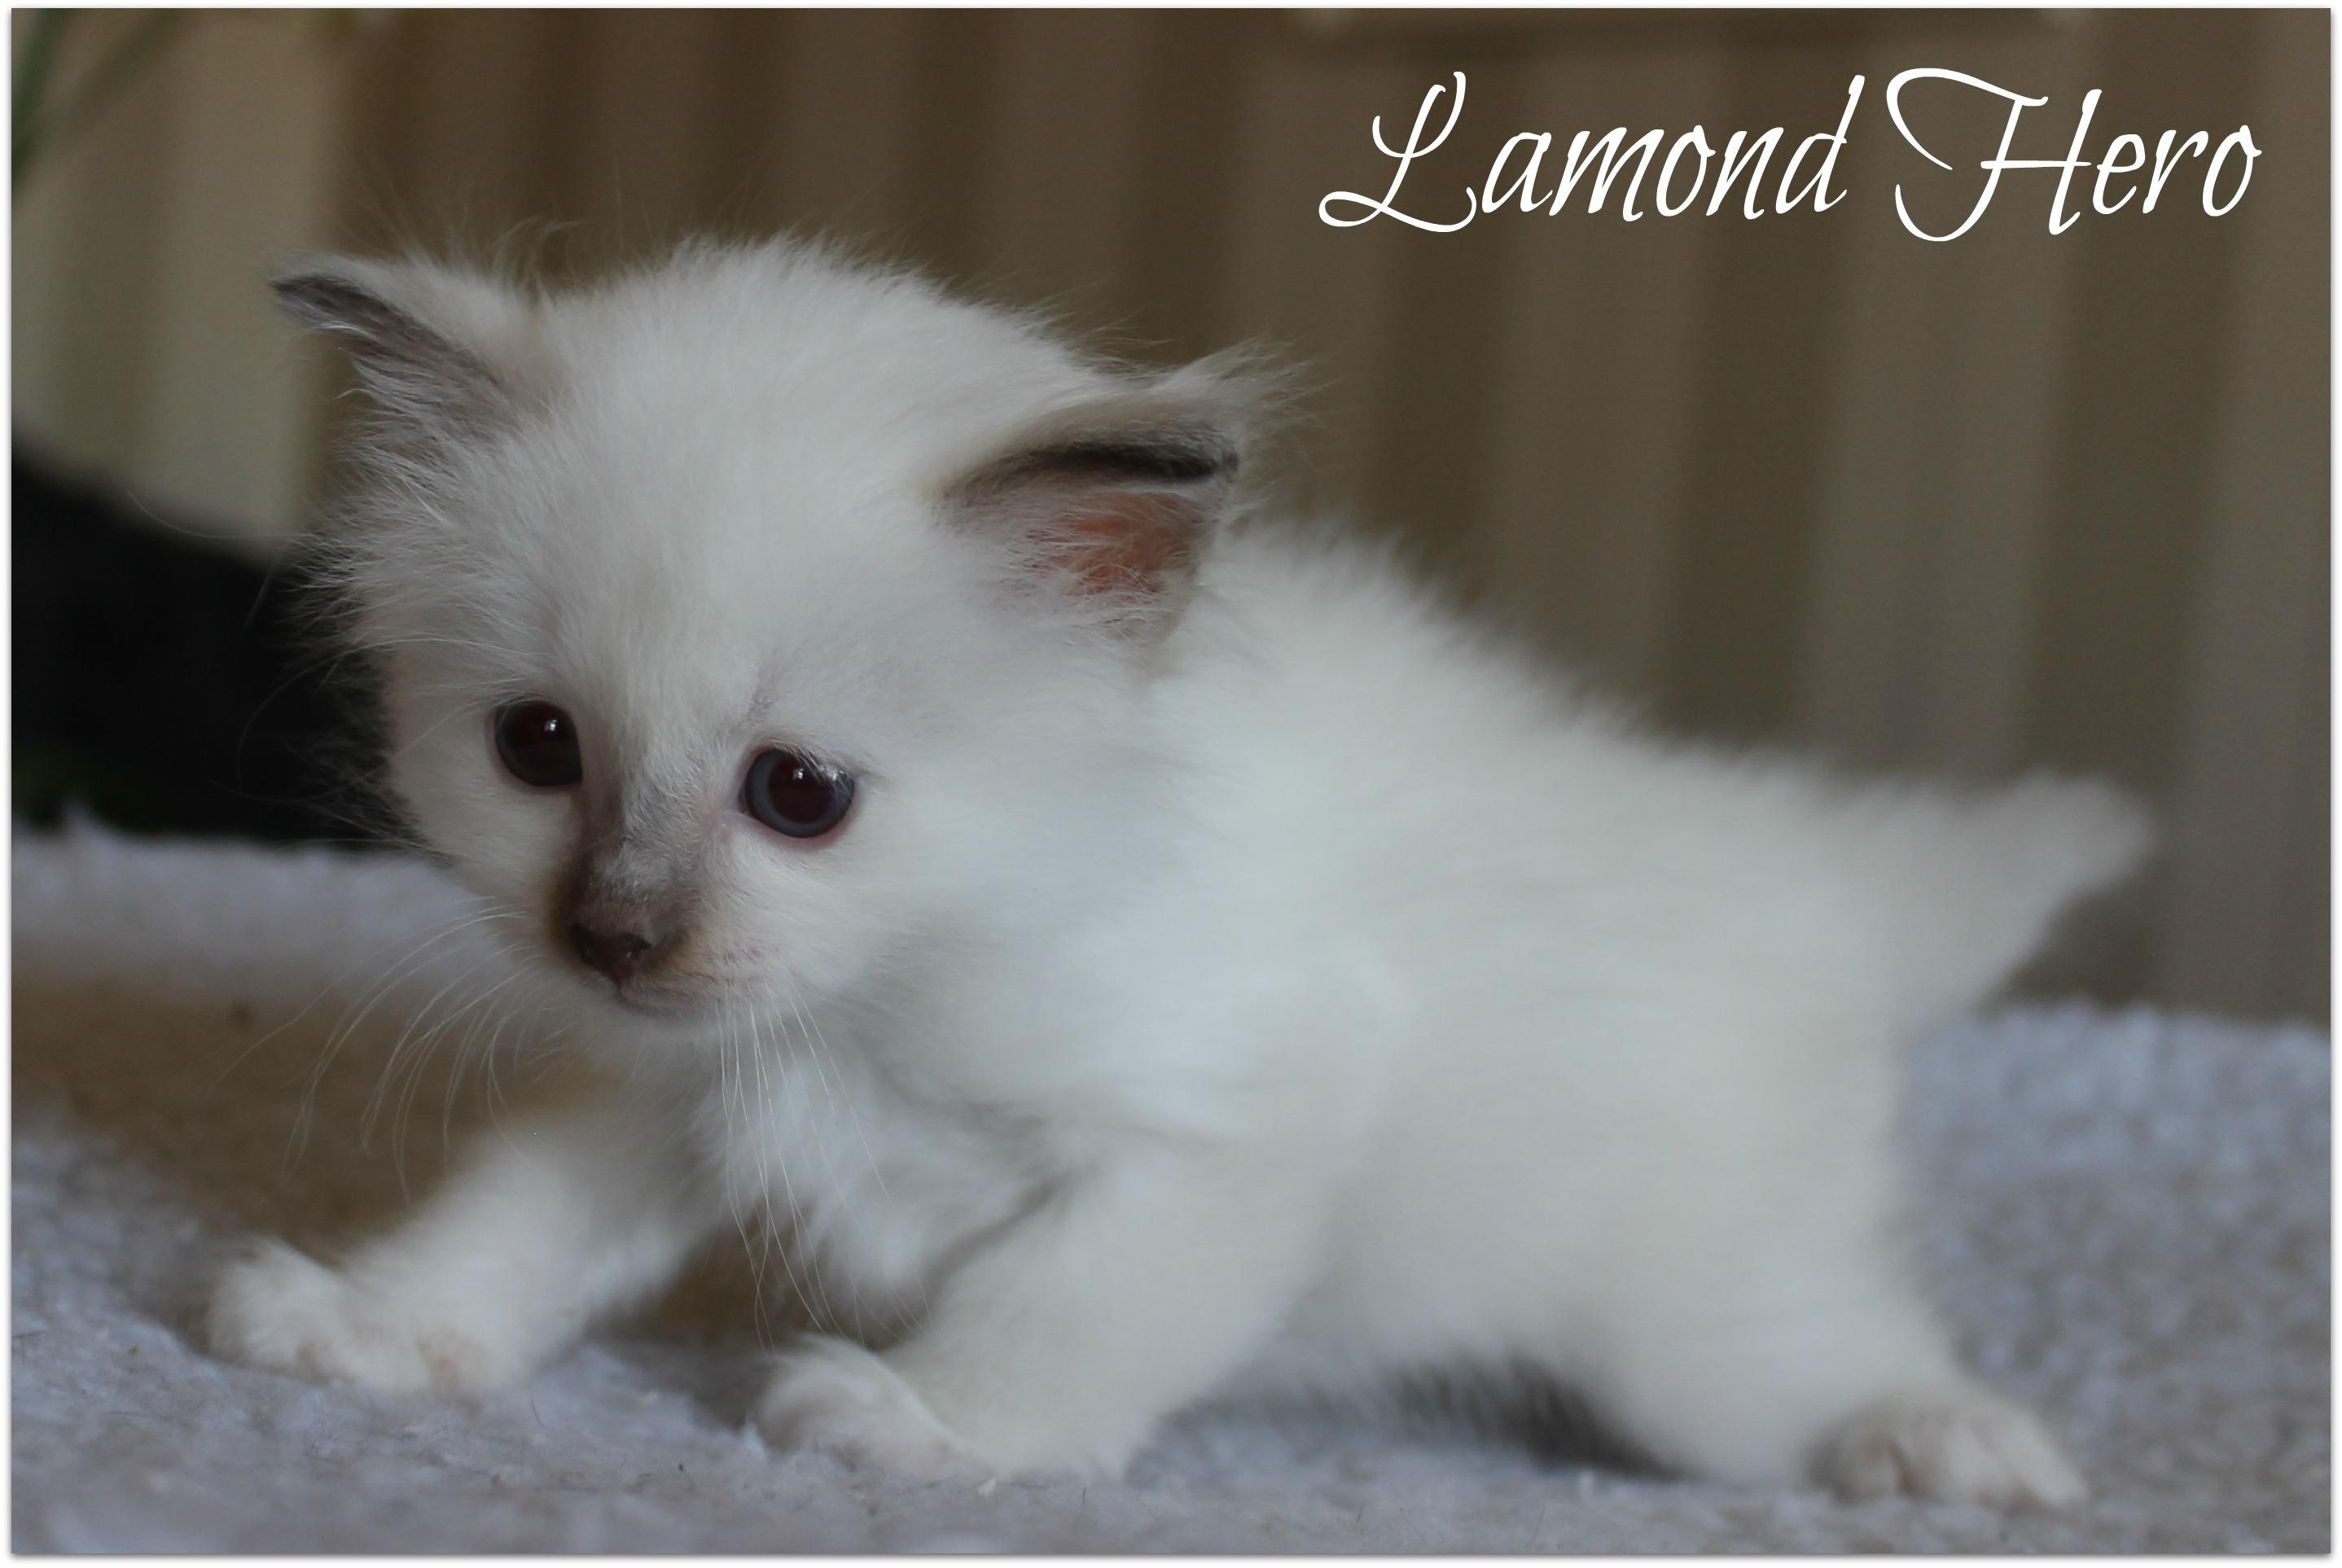 lamond1